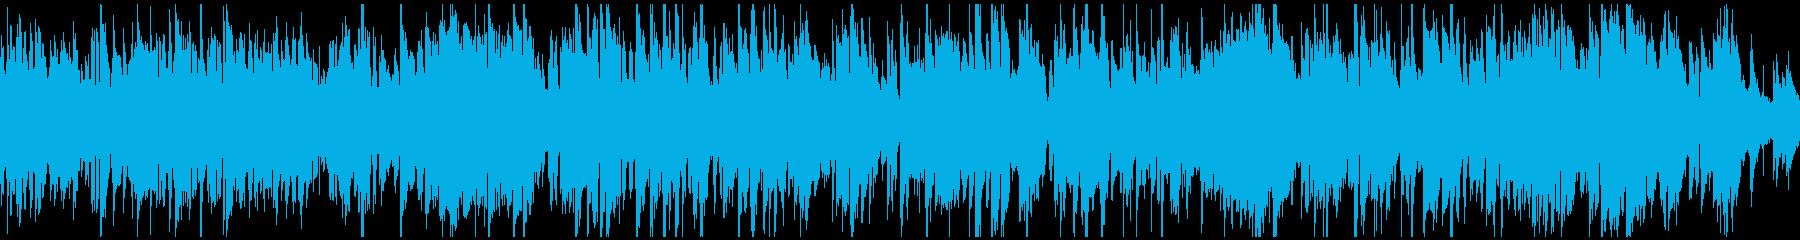 爽快エキサイティングなジャズ ※ループ版の再生済みの波形